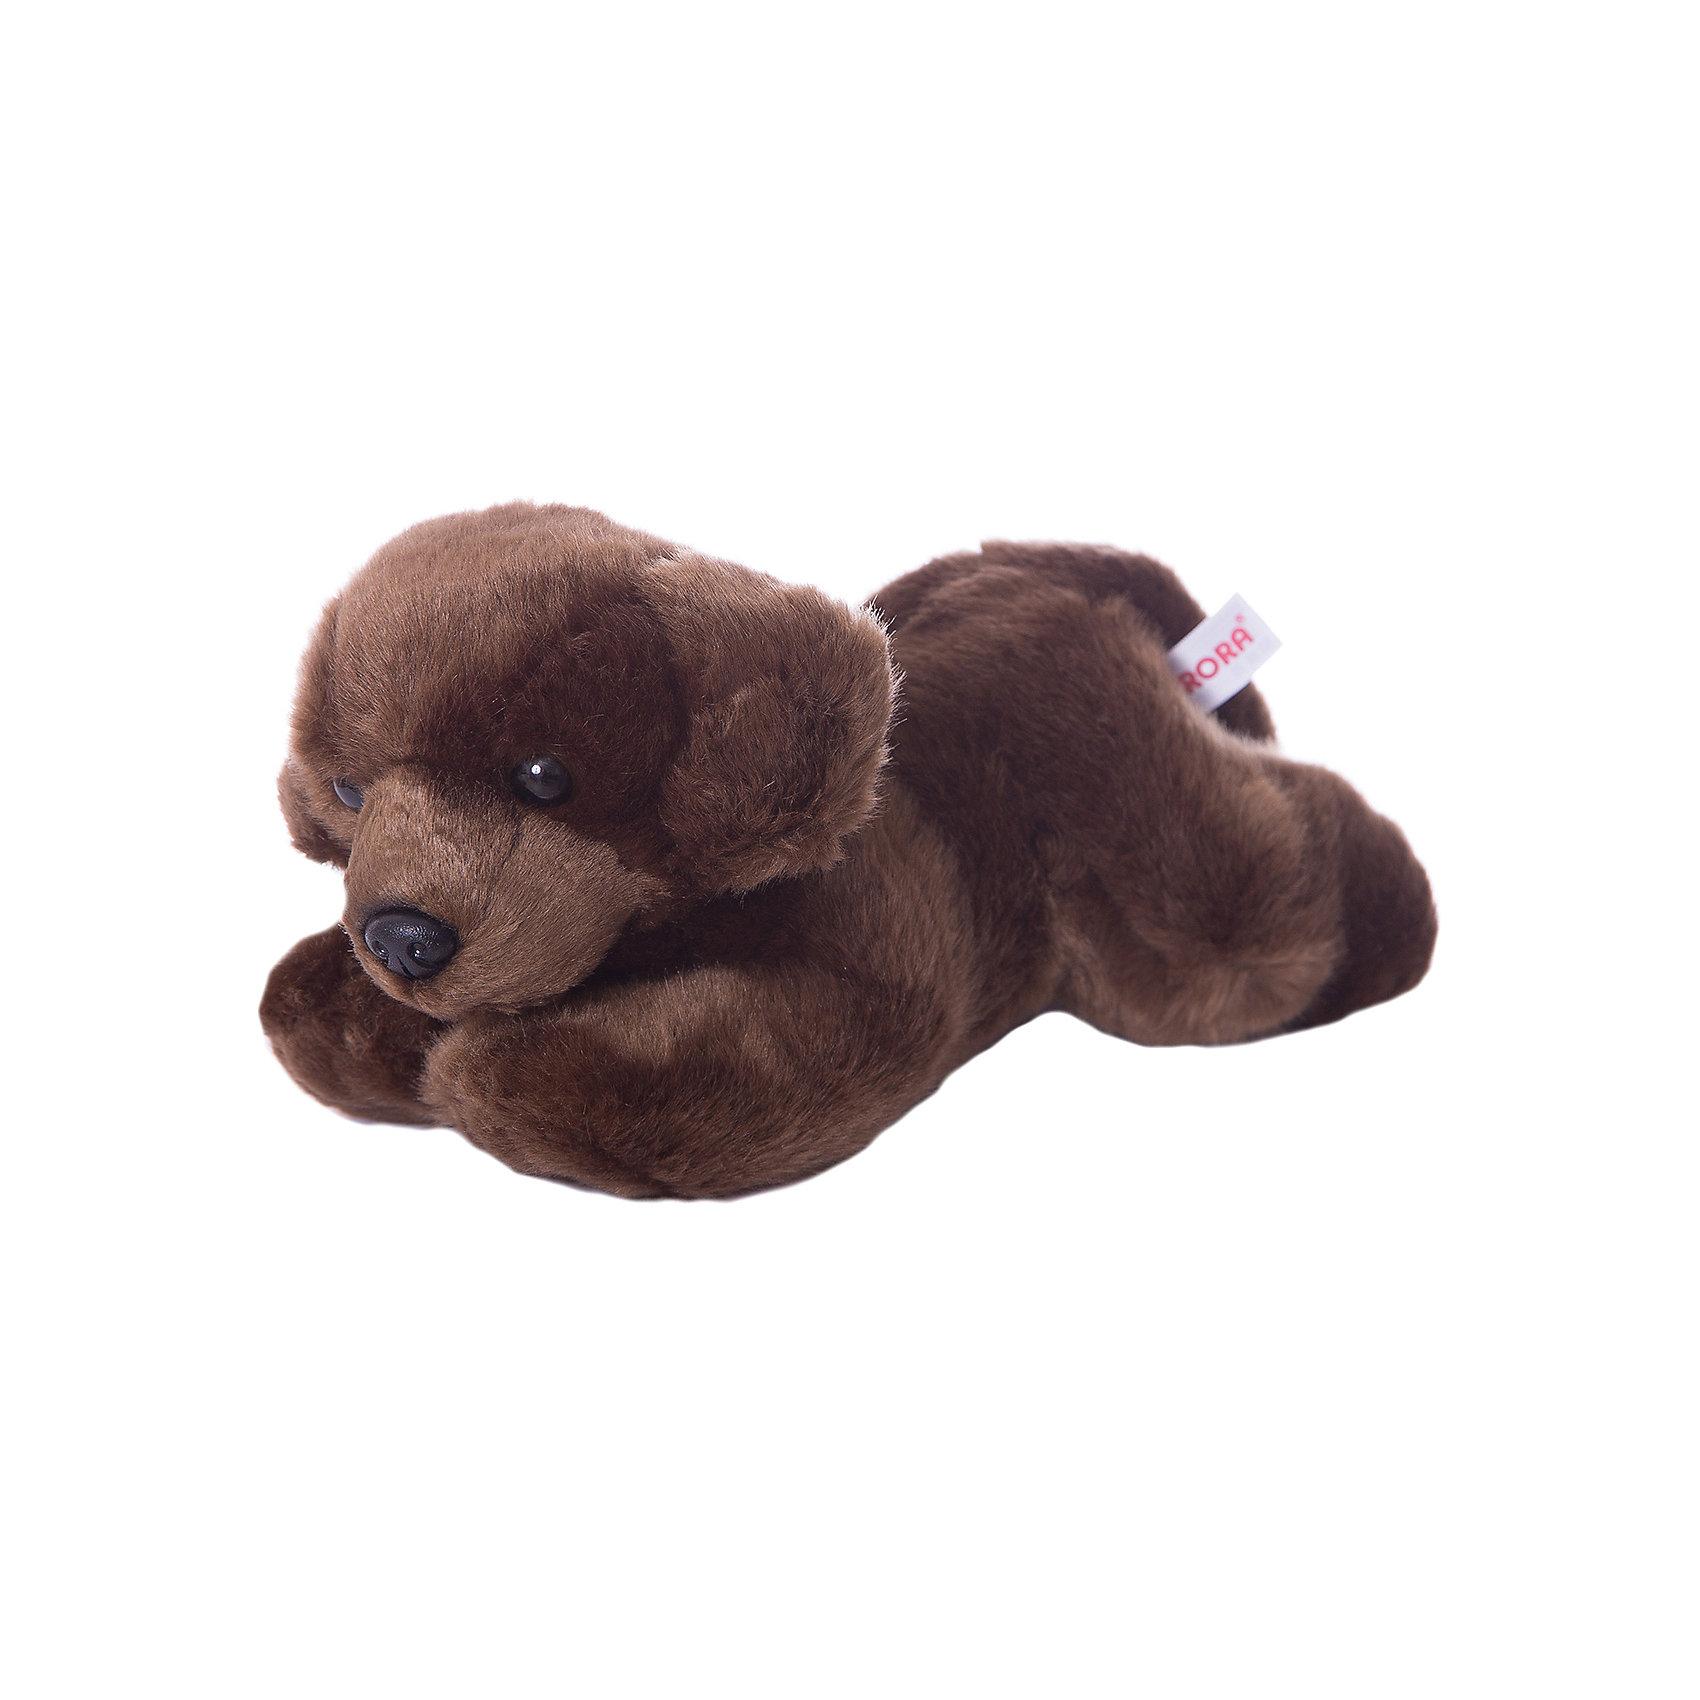 AURORA Мягкая игрушка Шоколадный лабрадор, 28 см, AURORA aurora мягкая игрушка тигр 28 см